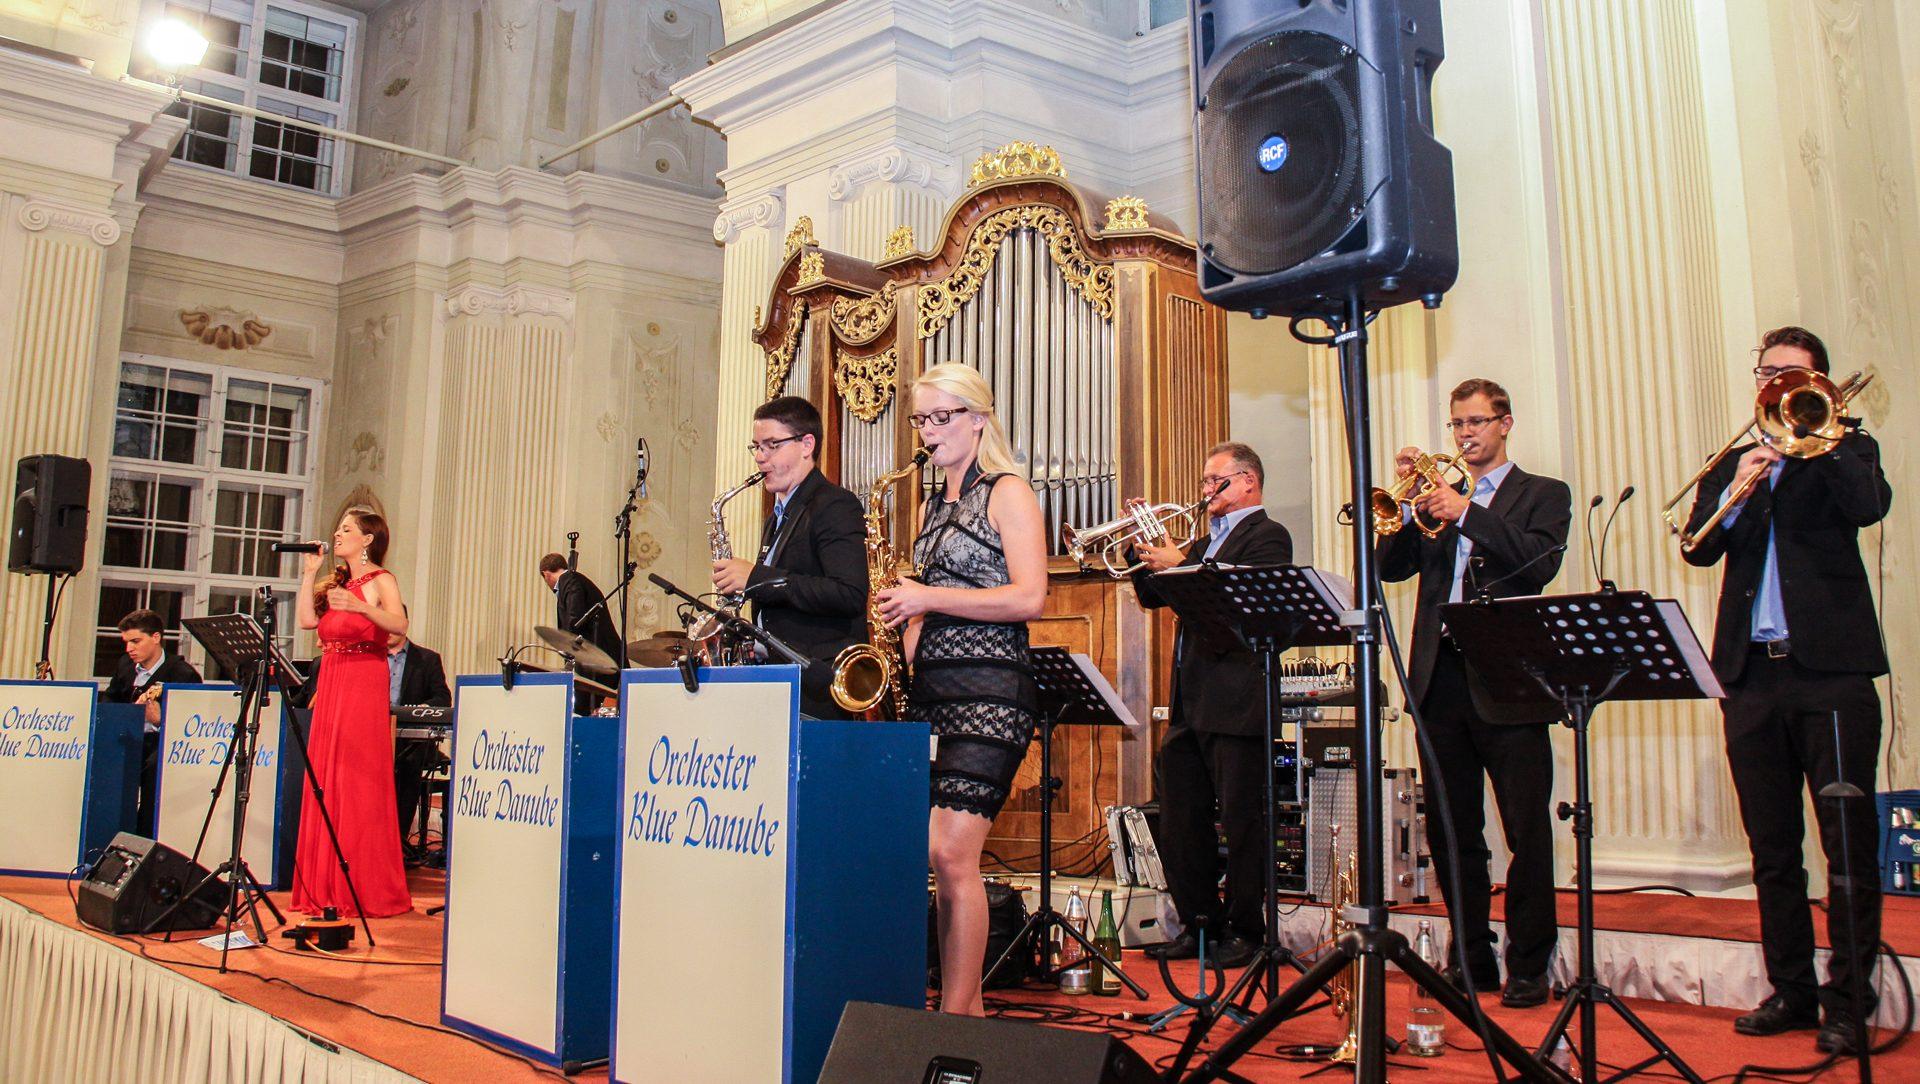 Orchester Blue Danube